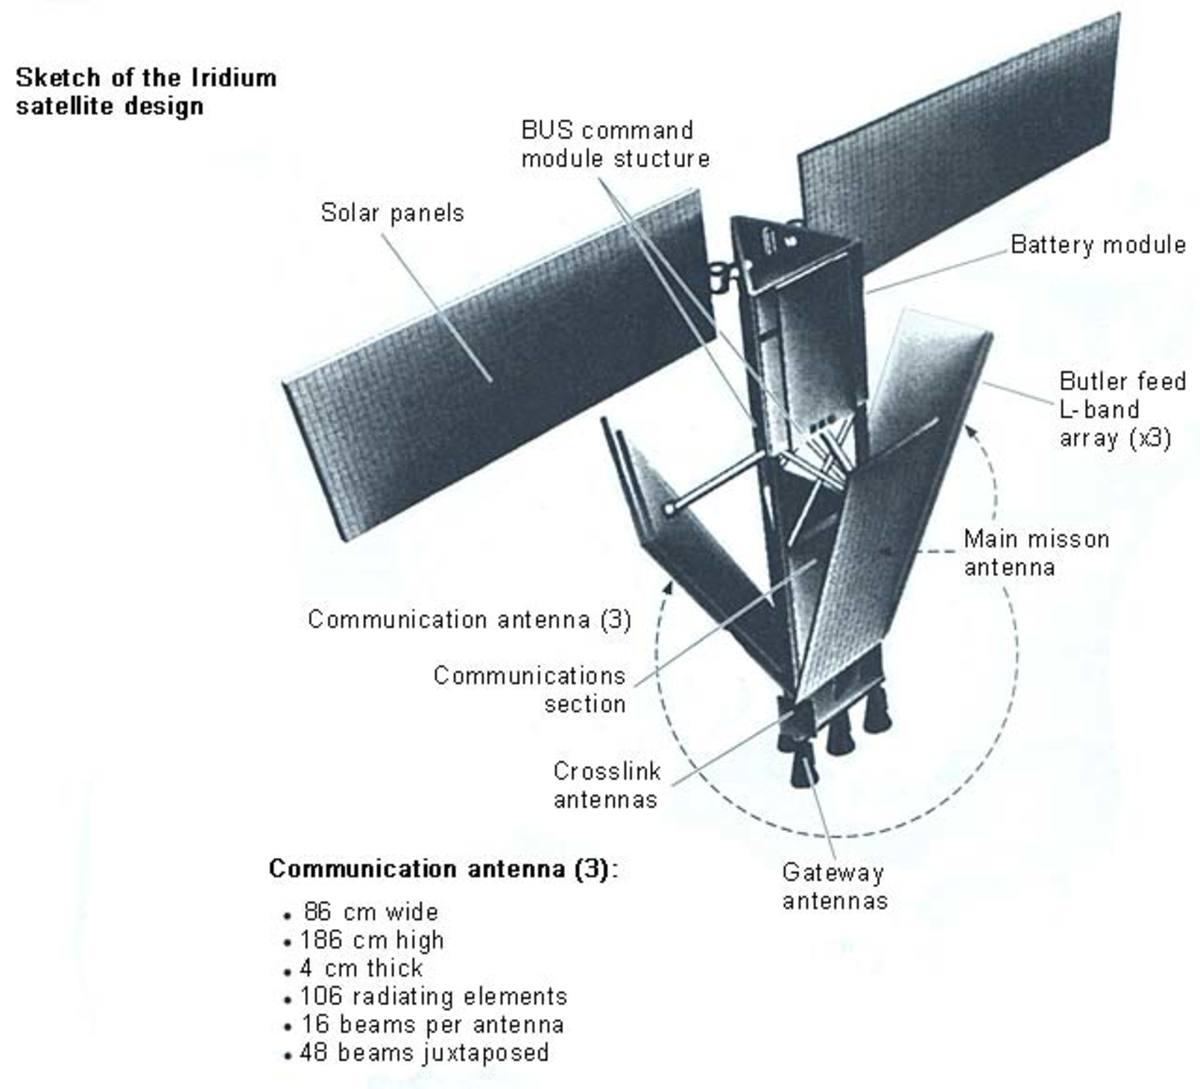 Sketch of the Iridium satellite design